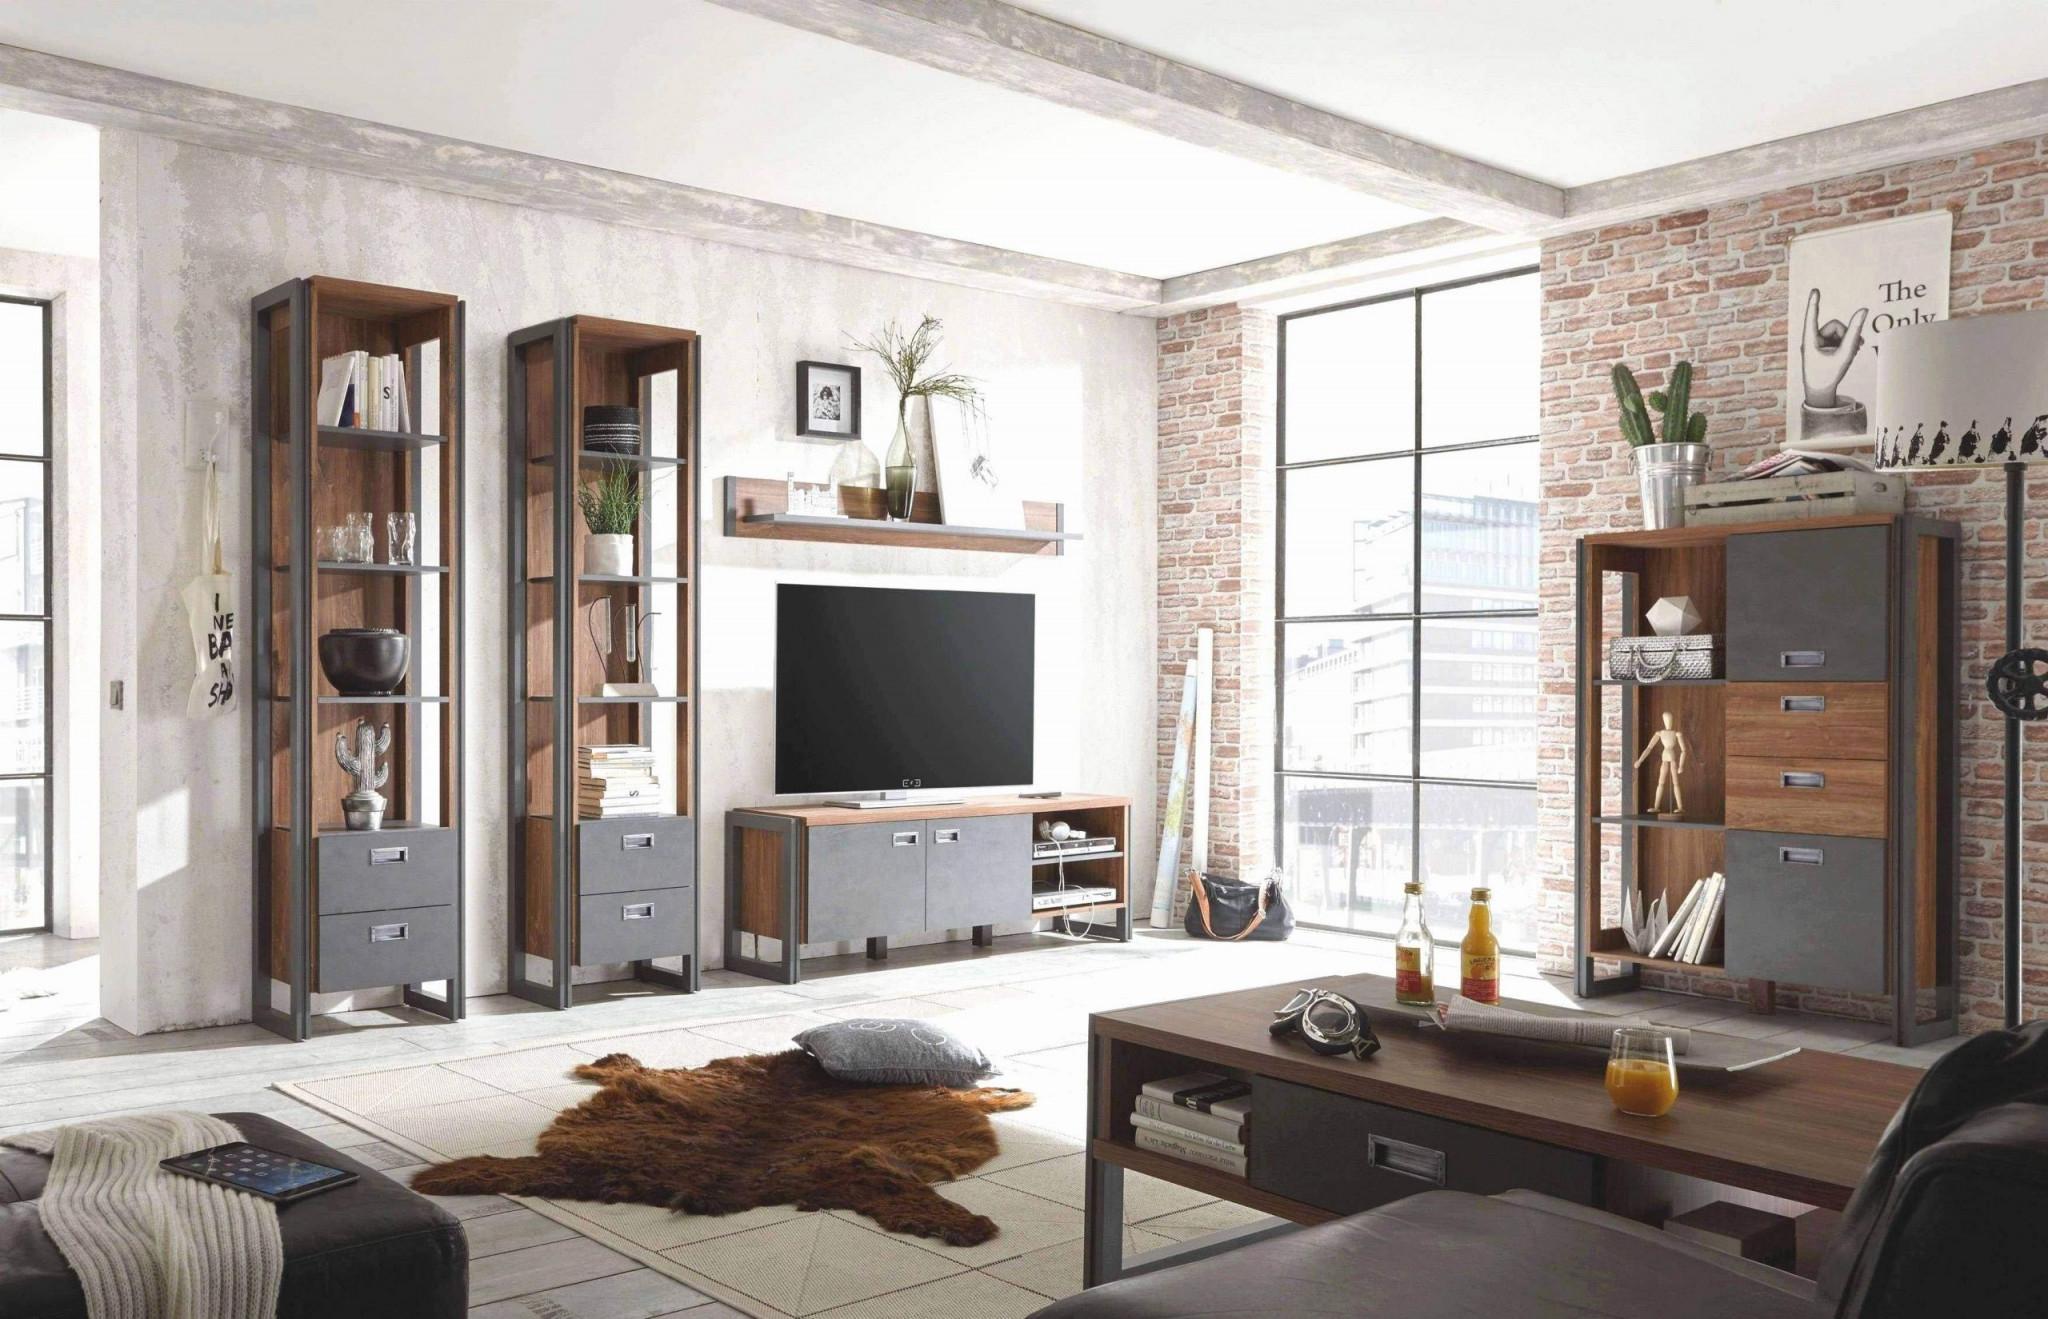 38 Elegant Wohnzimmer Dunkler Boden Inspirierend von Wohnzimmer Ideen Dunkle Möbel Photo